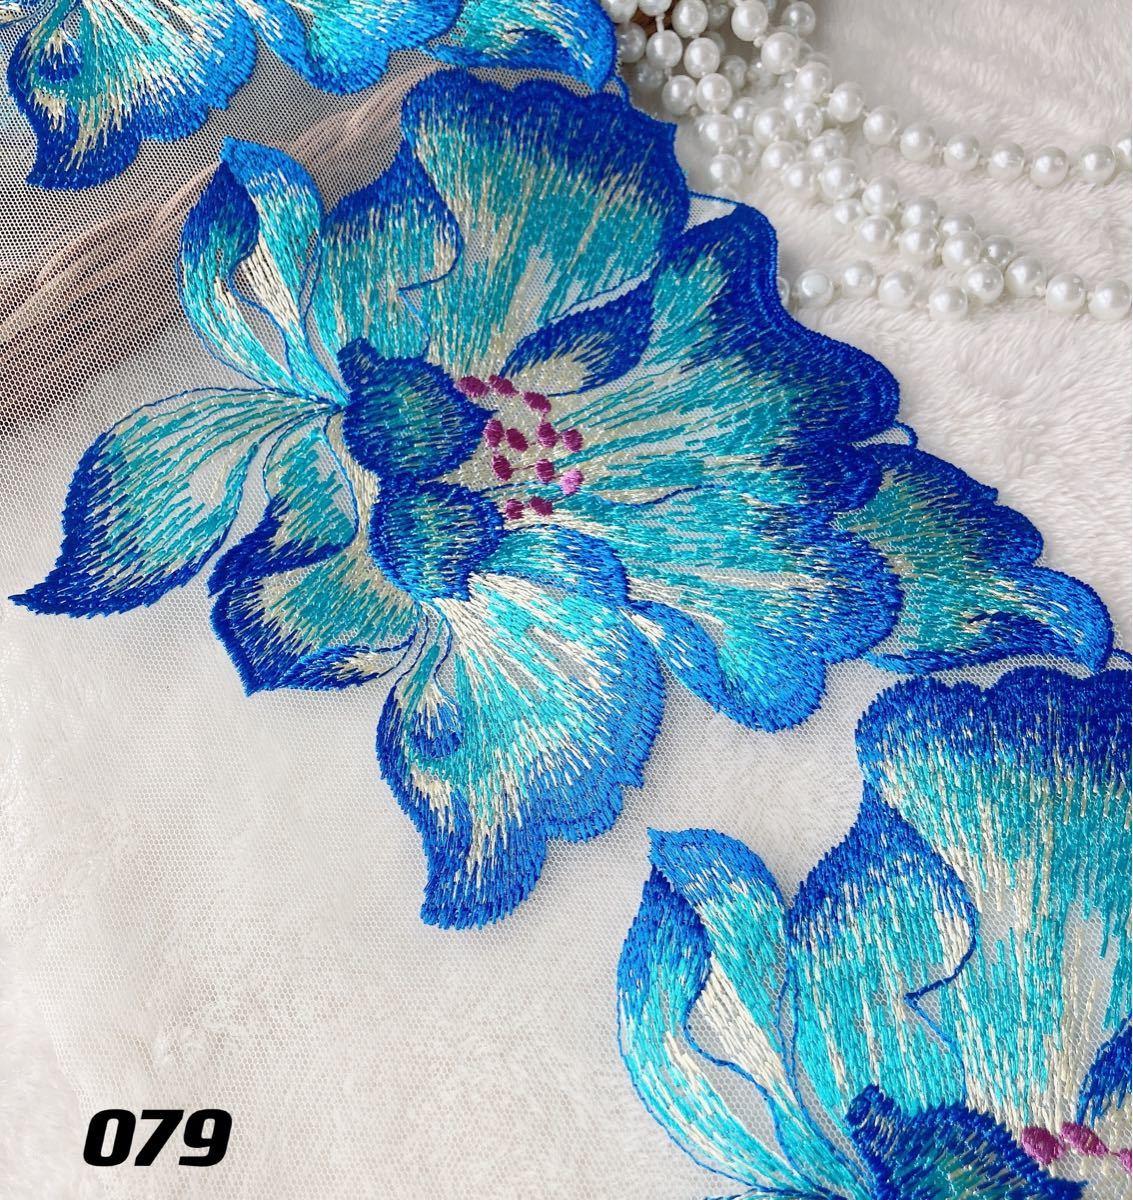 079  上品な光沢溢大柄蓮花刺繍チュールレース 1m